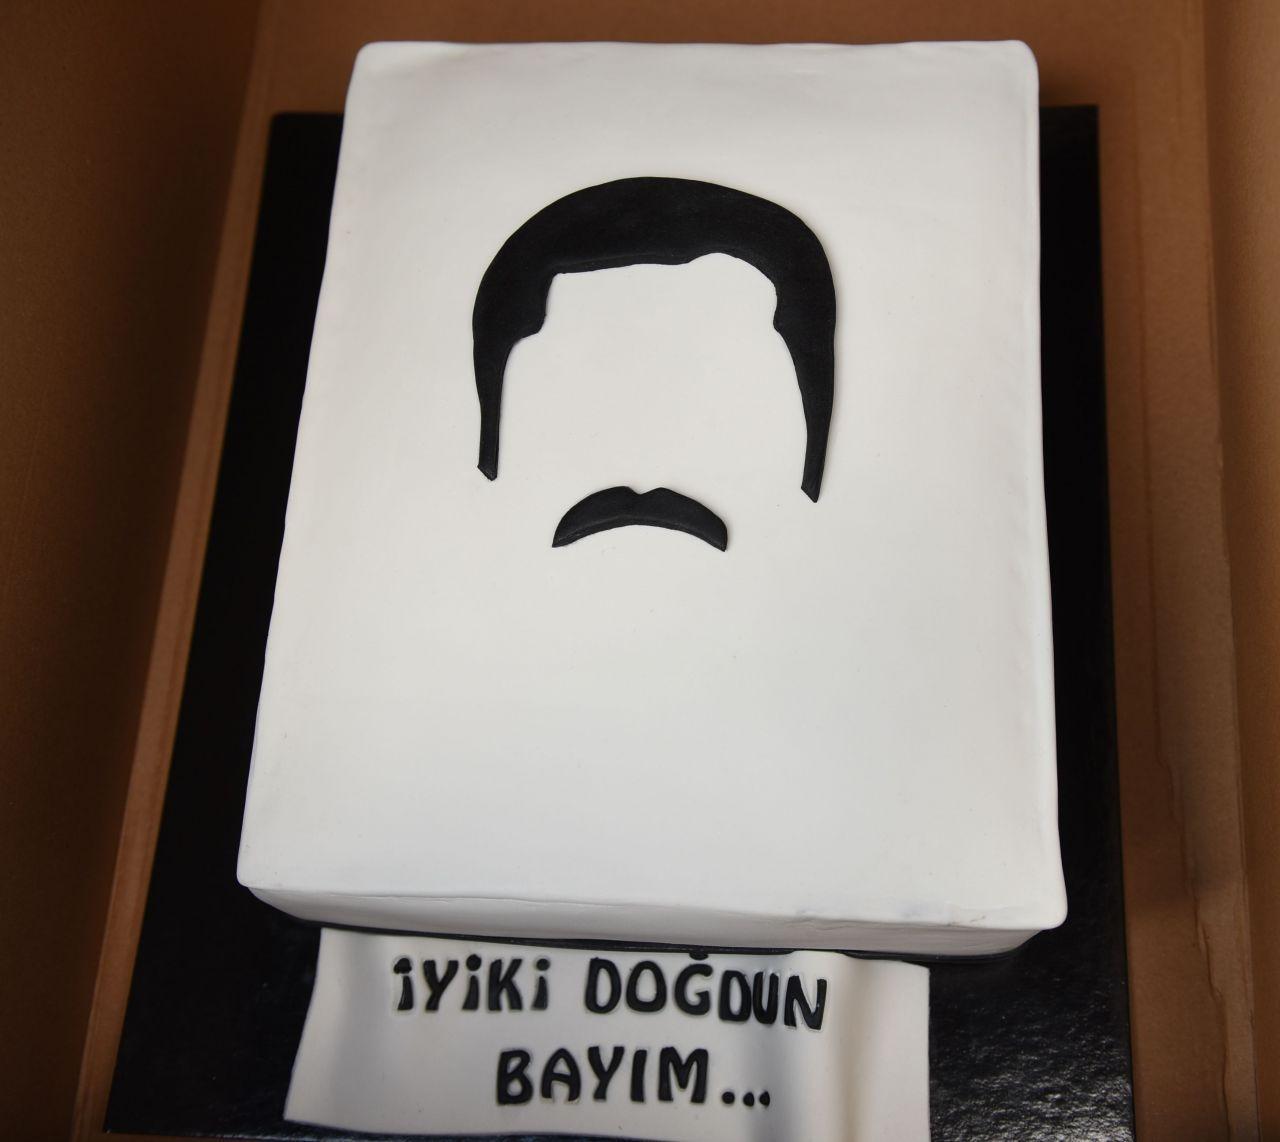 Maraşlı'nın başrol oyuncusu Burak Deniz'e doğum günü sürprizi - Sayfa 2